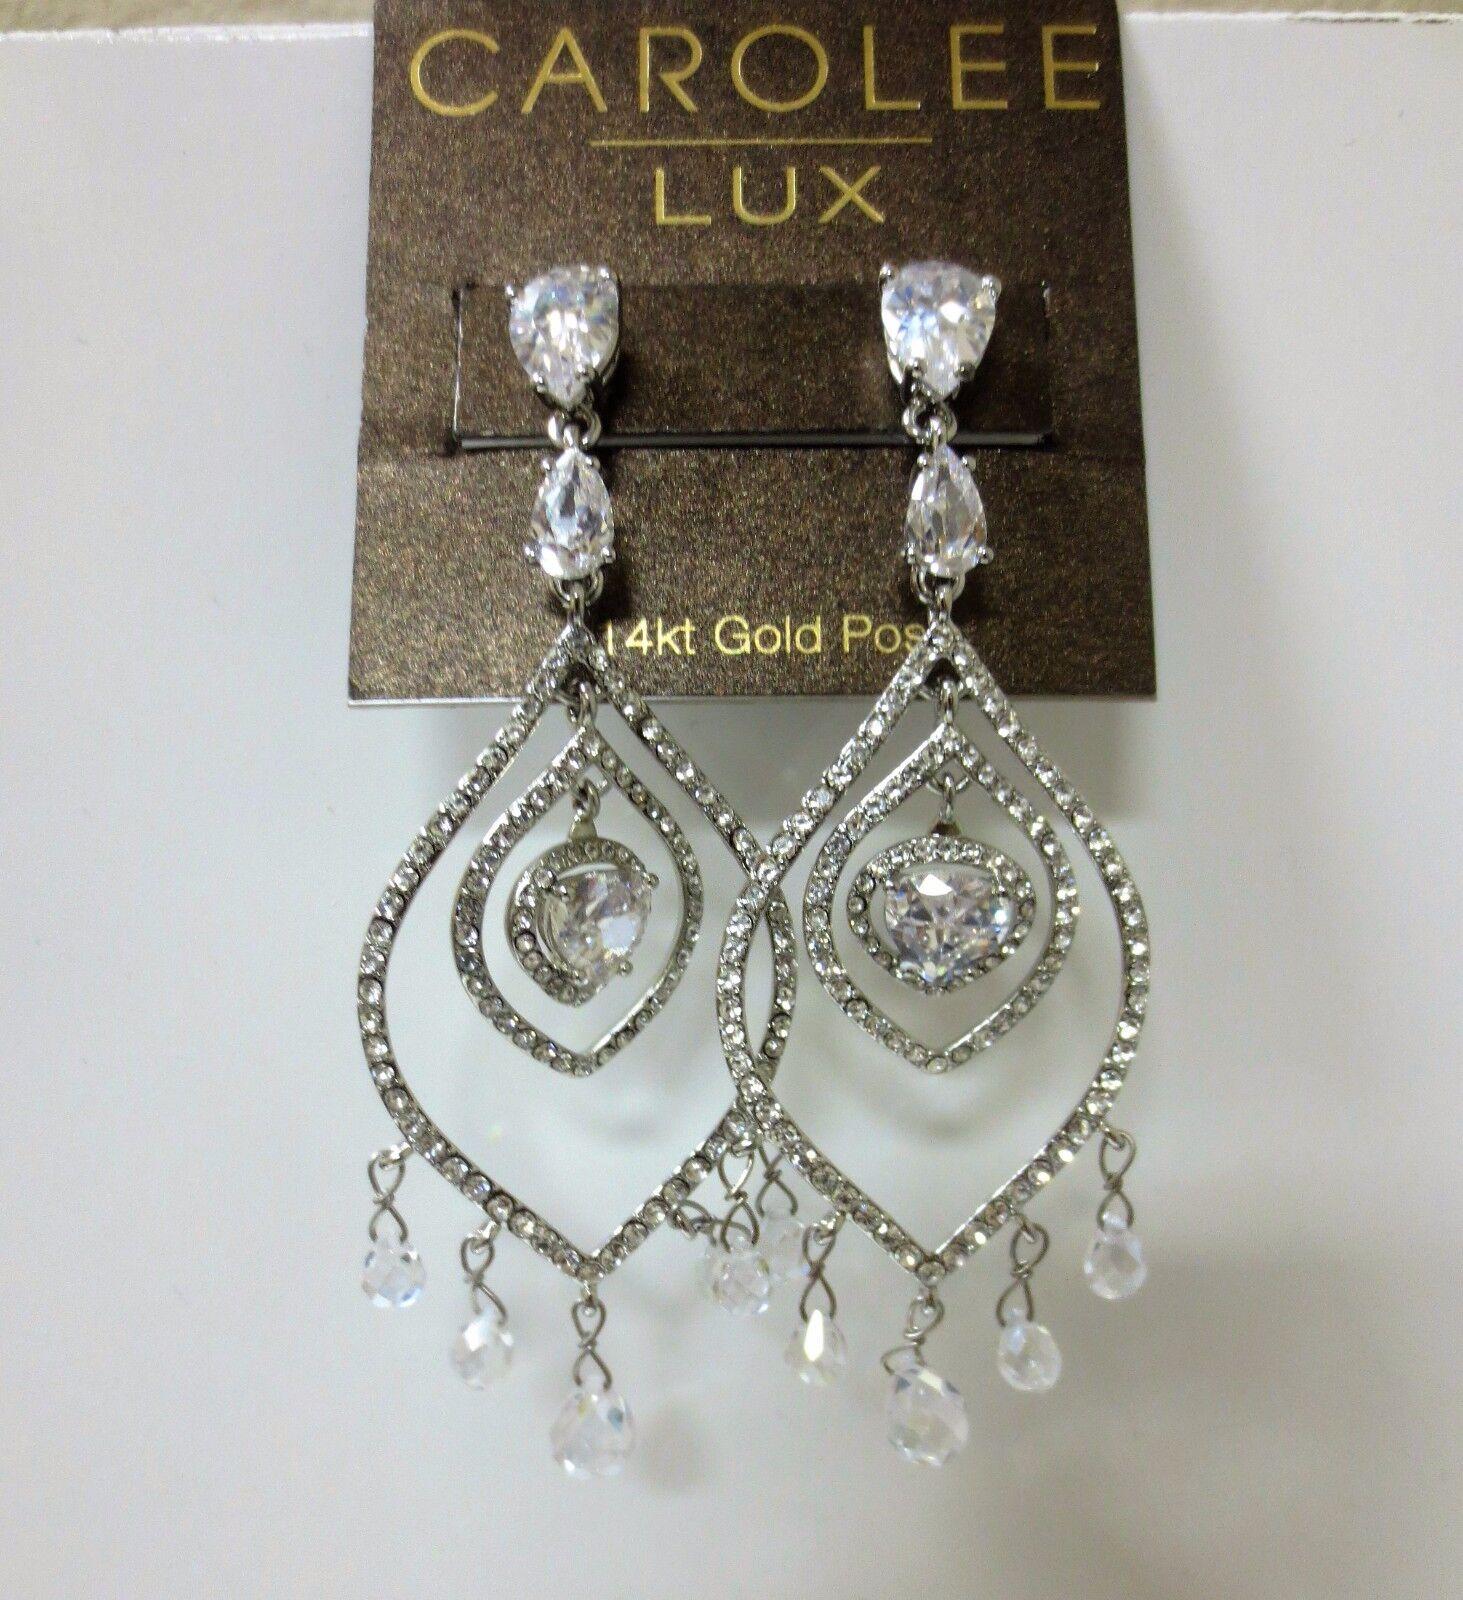 Carolee Lux Eve Crystal Chandelier Pierced Earrings NEW  175